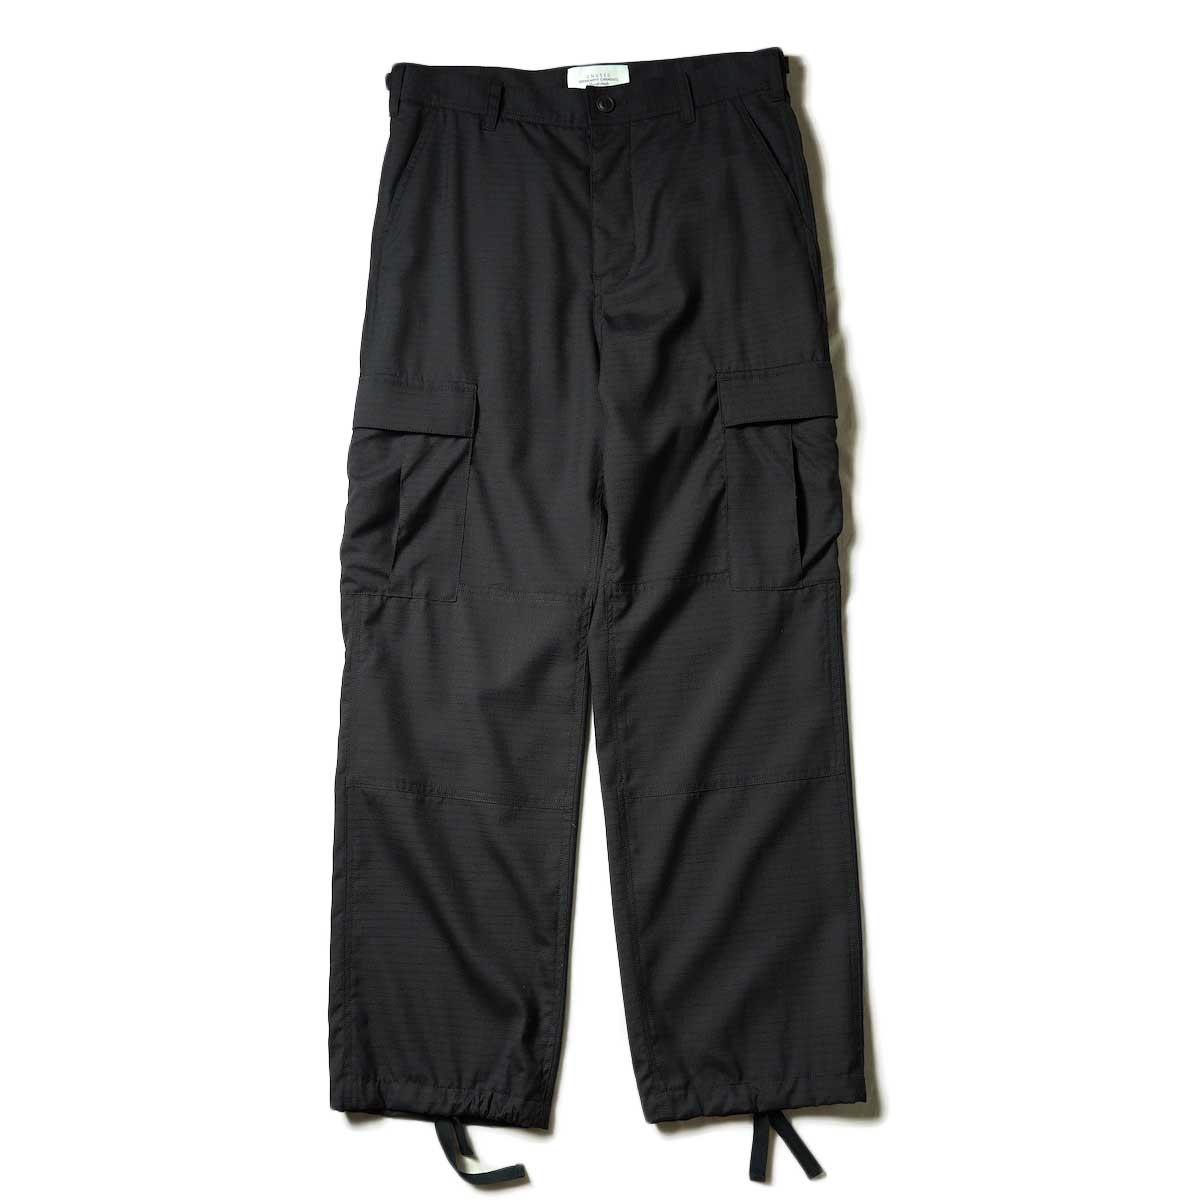 UNUSED / UW0976 Cargo Pants (Black)